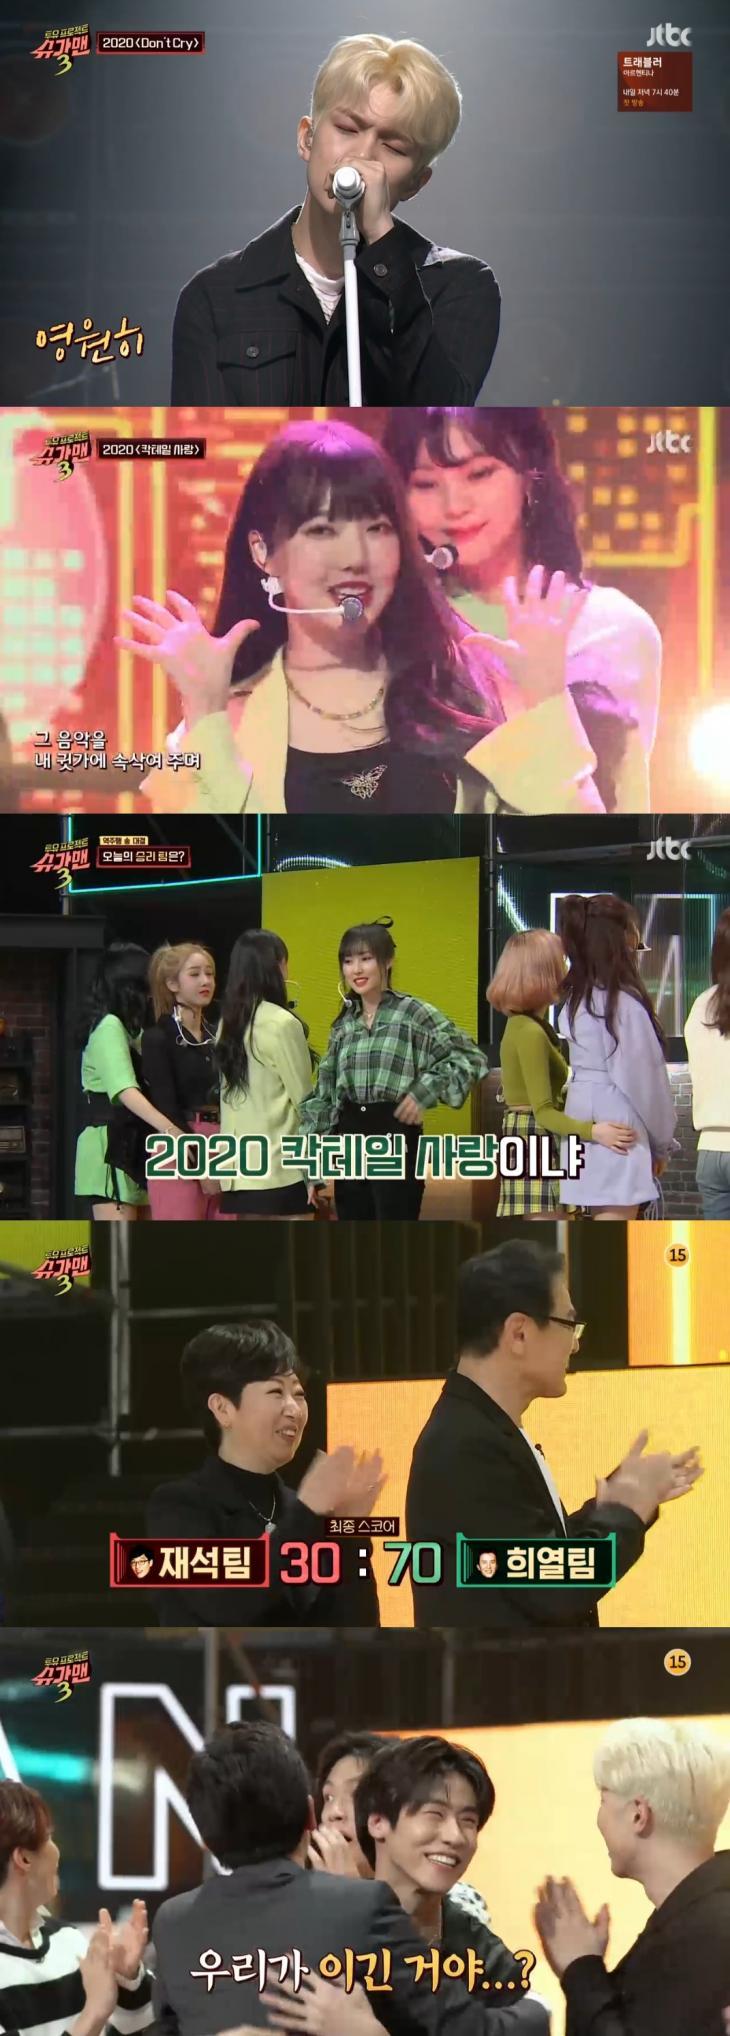 JTBC 예능프로그램 '슈가맨3'